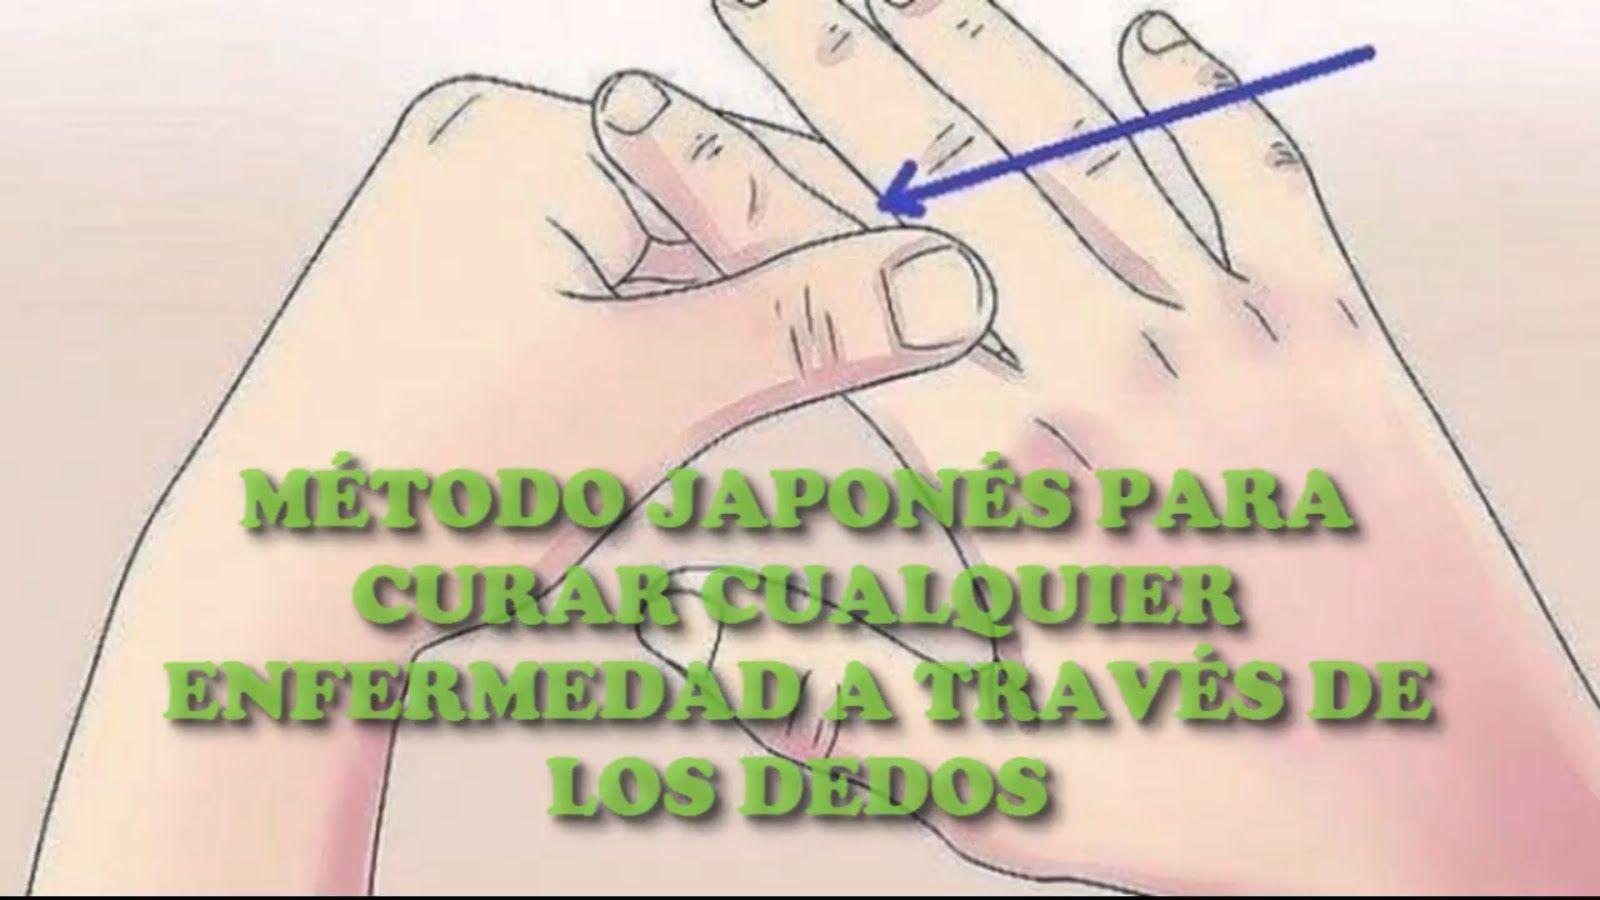 MÉTODO JAPONÉS PARA CURAR CUALQUIER ENFERMEDAD A TRAVÉS DE LOS DEDOS